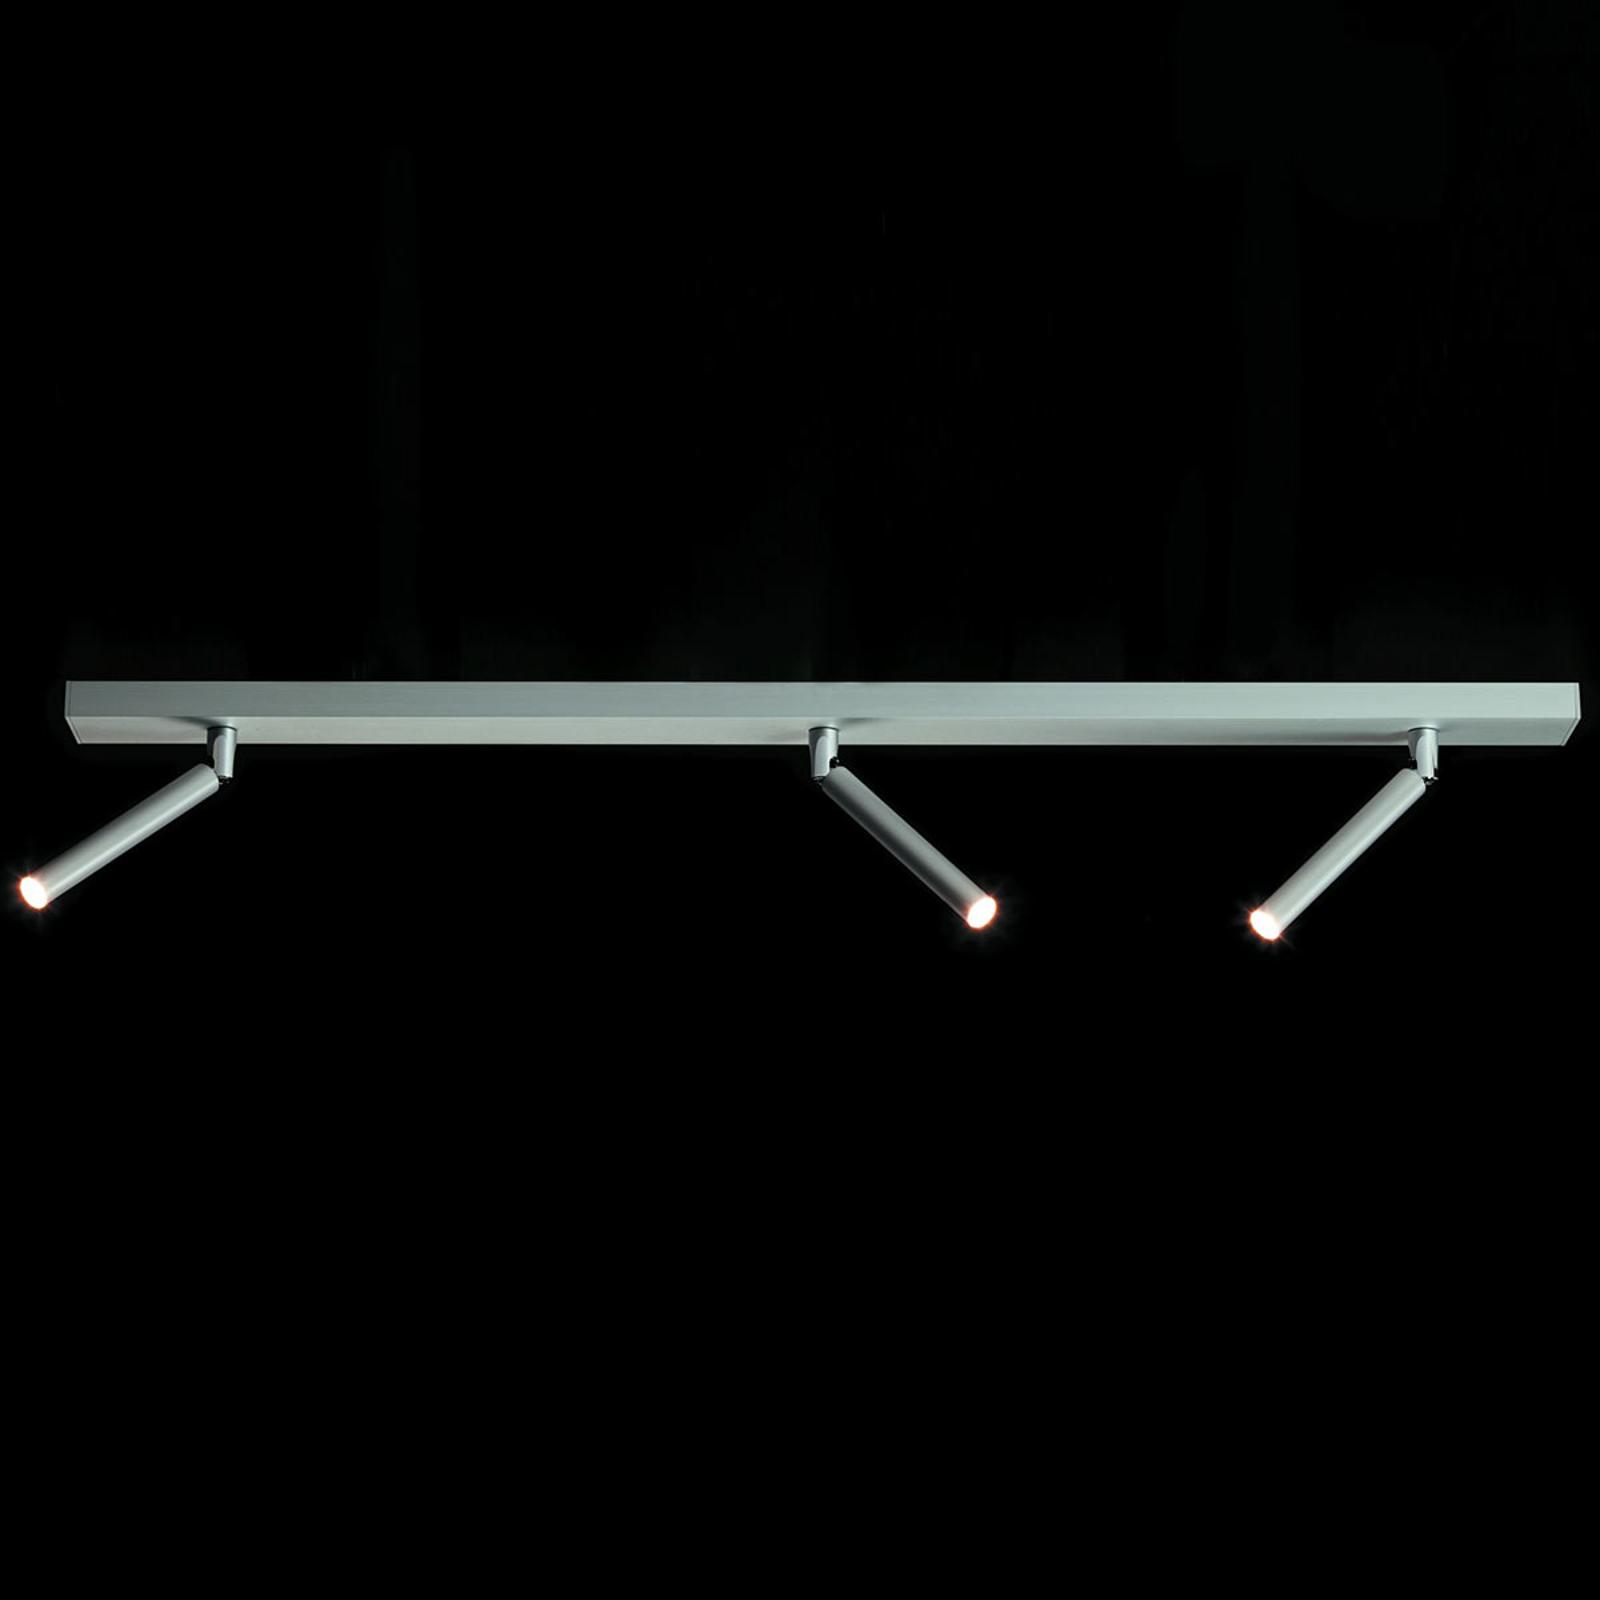 LDM Eccoled Spot Trio LED-spotlight, eloksert alu